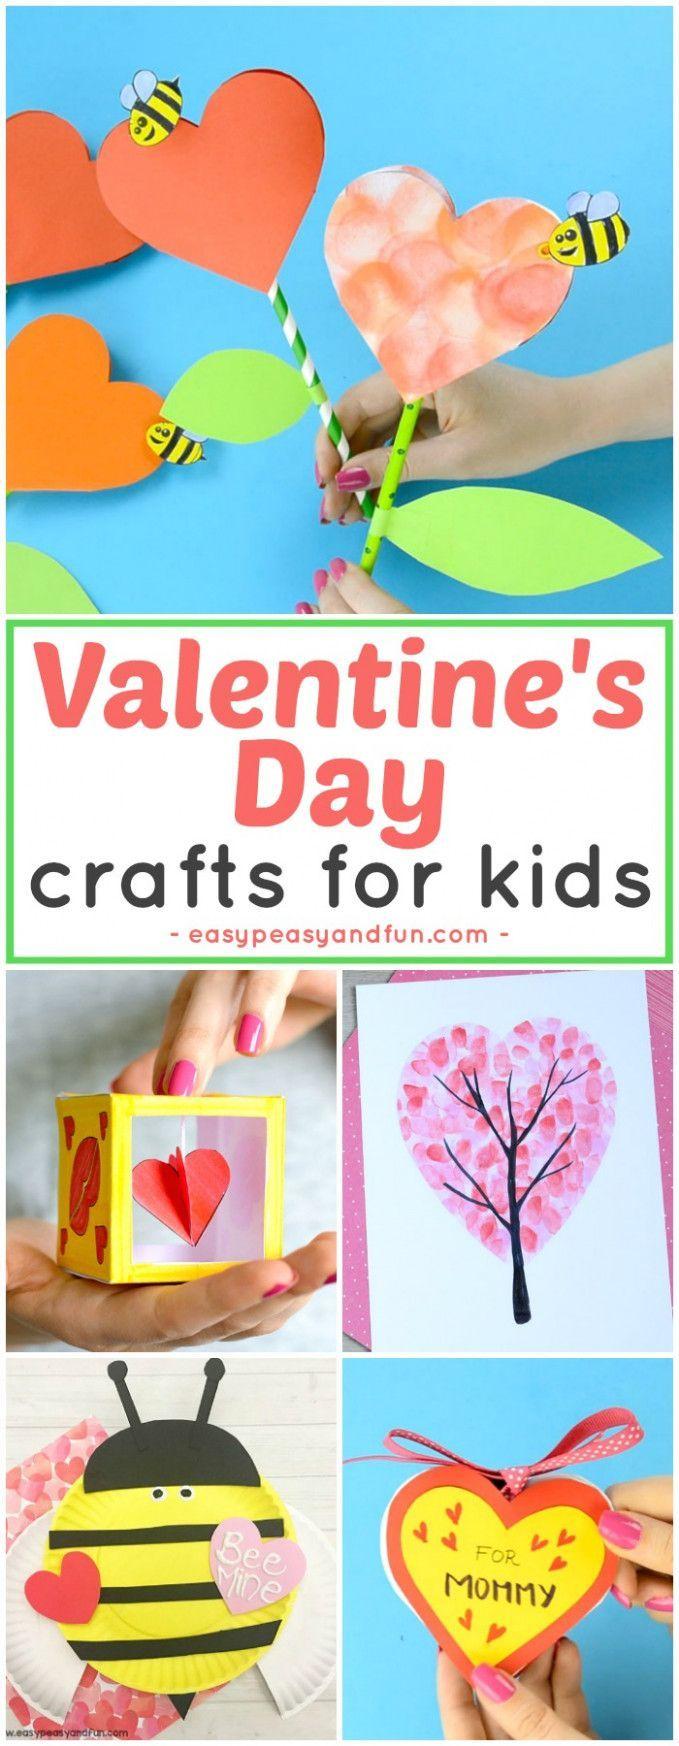 valentines day crafts for kindergarten valentine's day